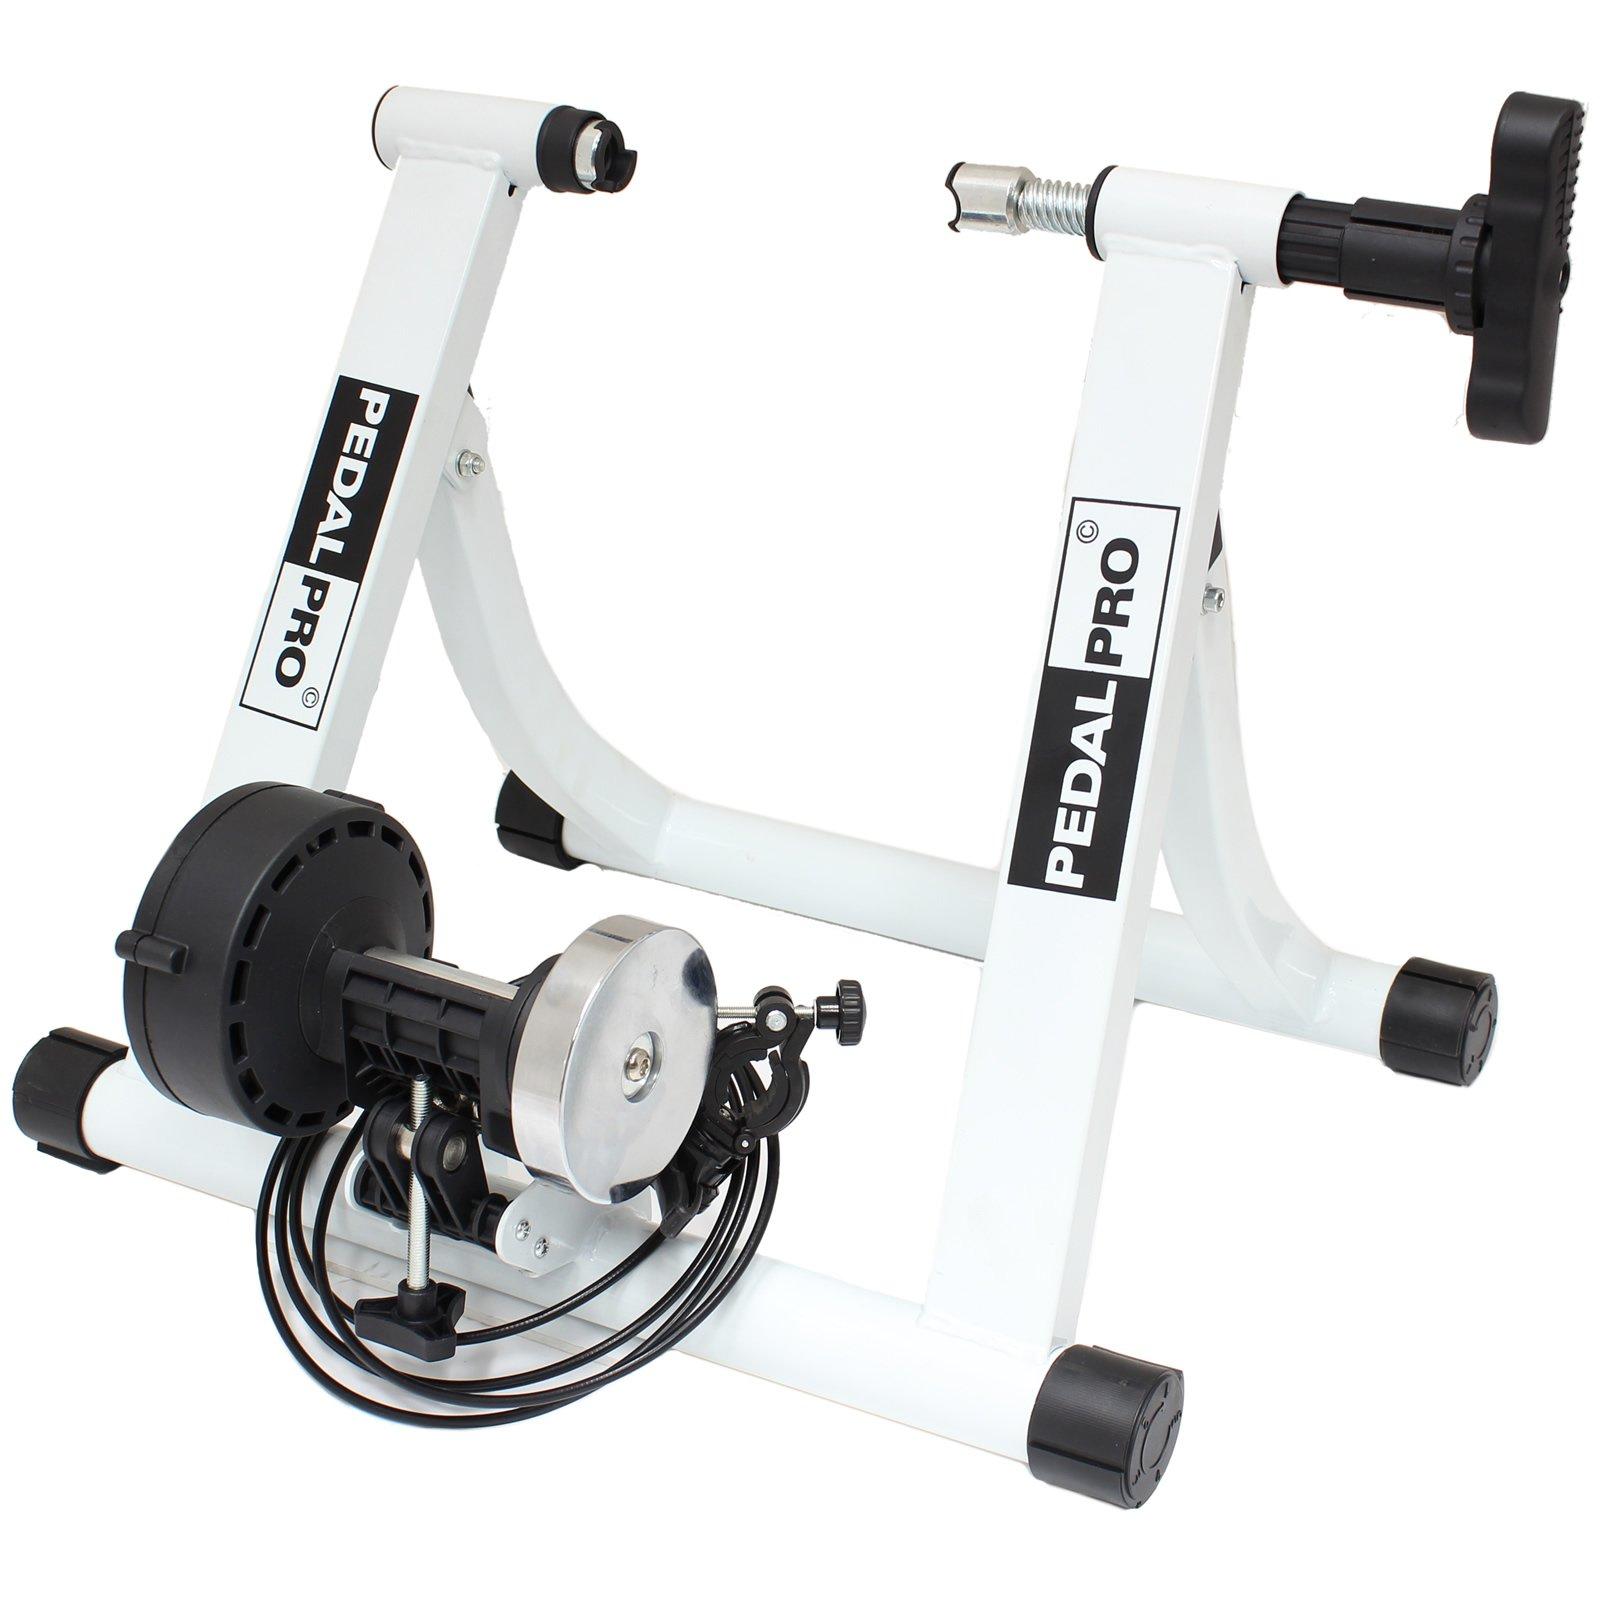 PedalPro MK II Entraineur Réglable Turbo Magnétique pour Vélo – Couleur Noir ou Blanc product image